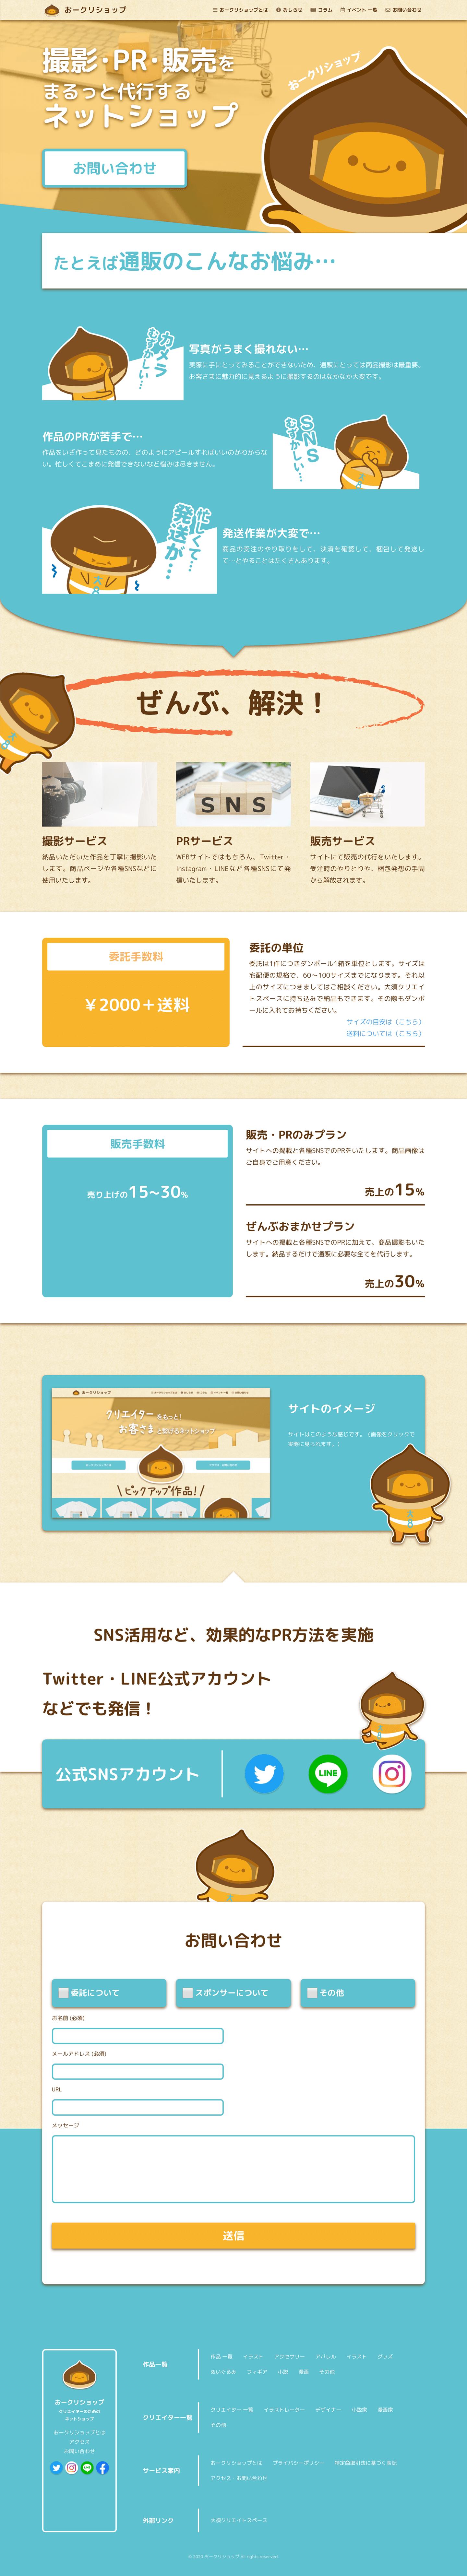 おークリショップ LP